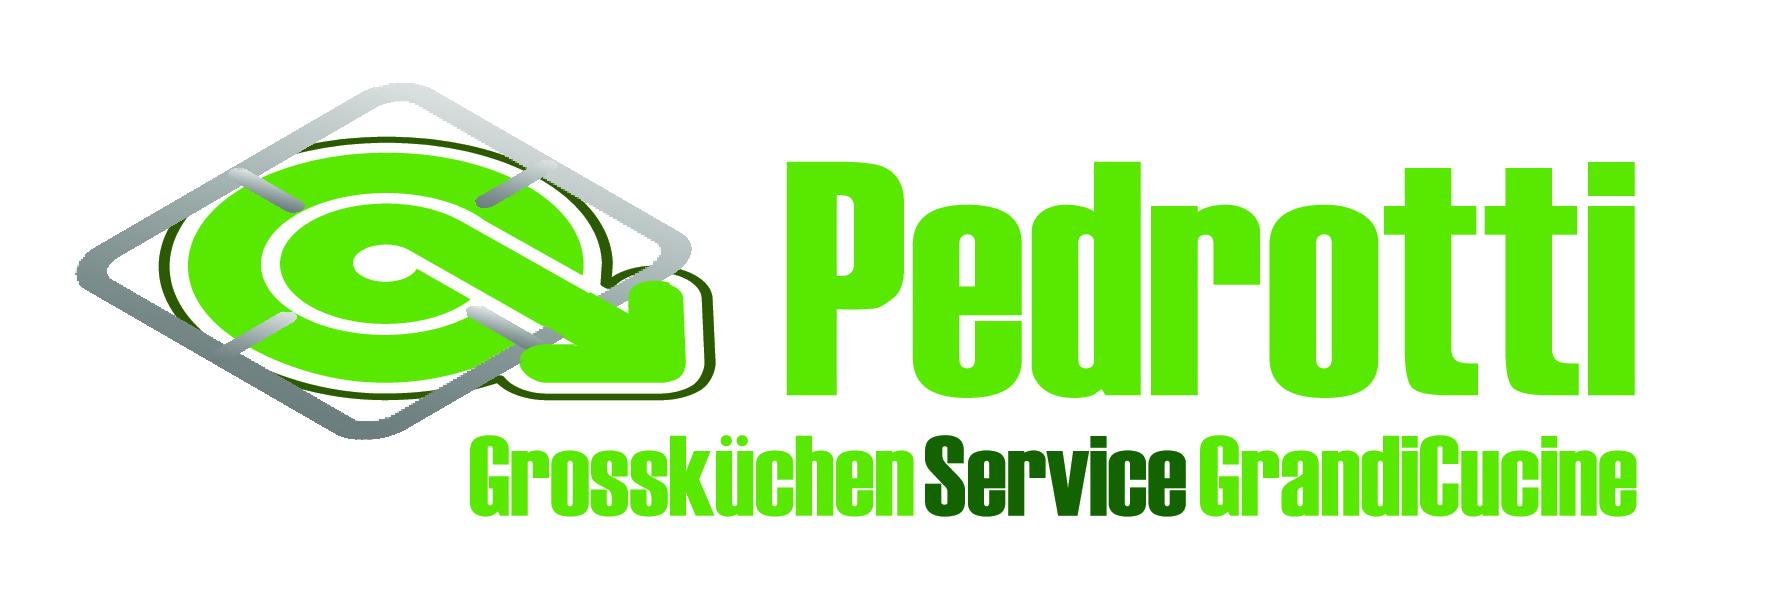 Pedrotti Cucine - Cucine Industriali e Forniture - Bozen Bolzano